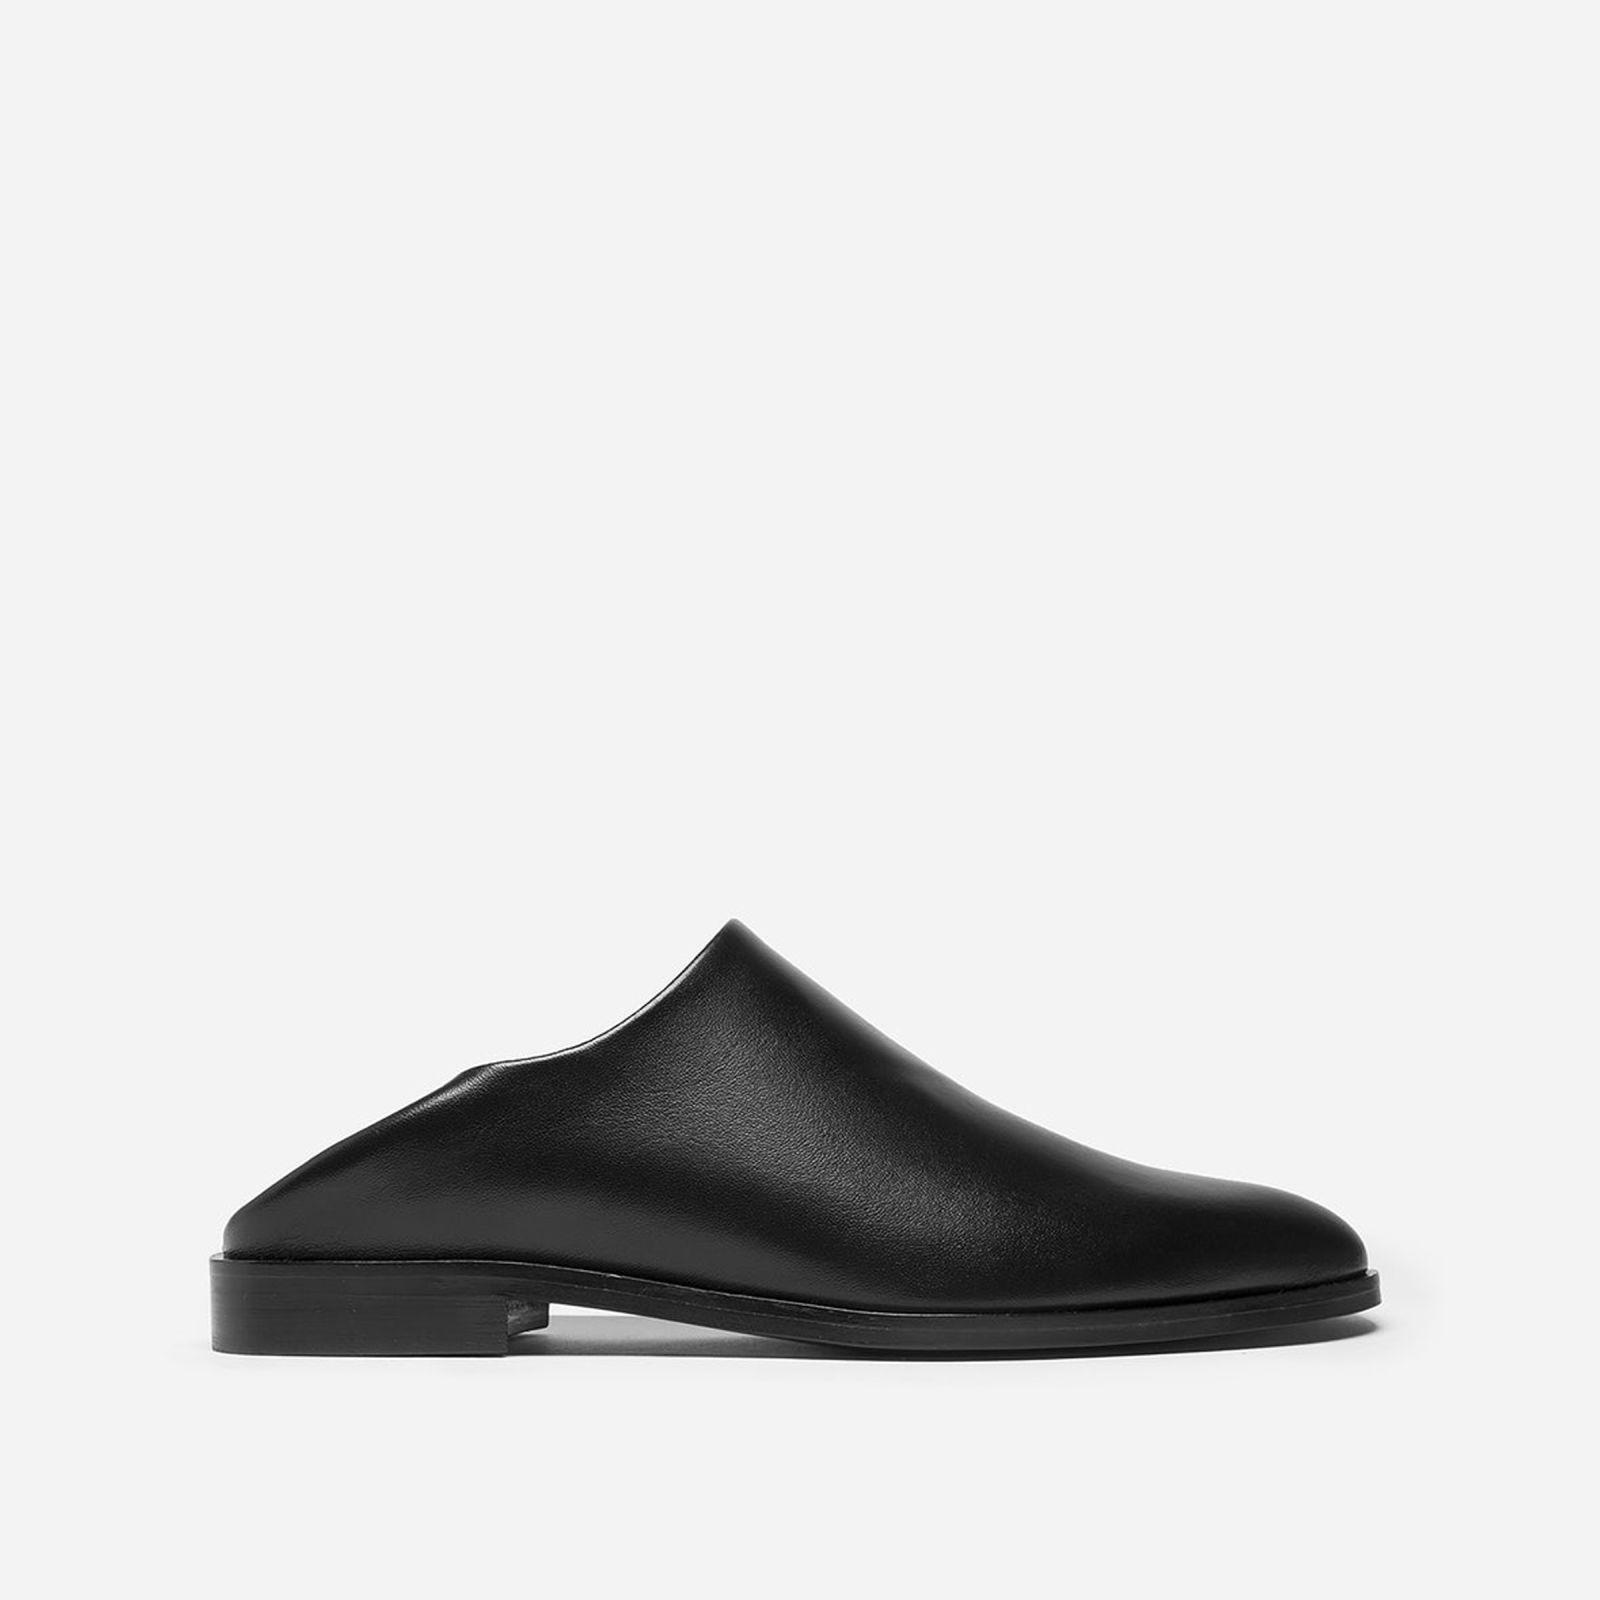 Women's Mule Shoe